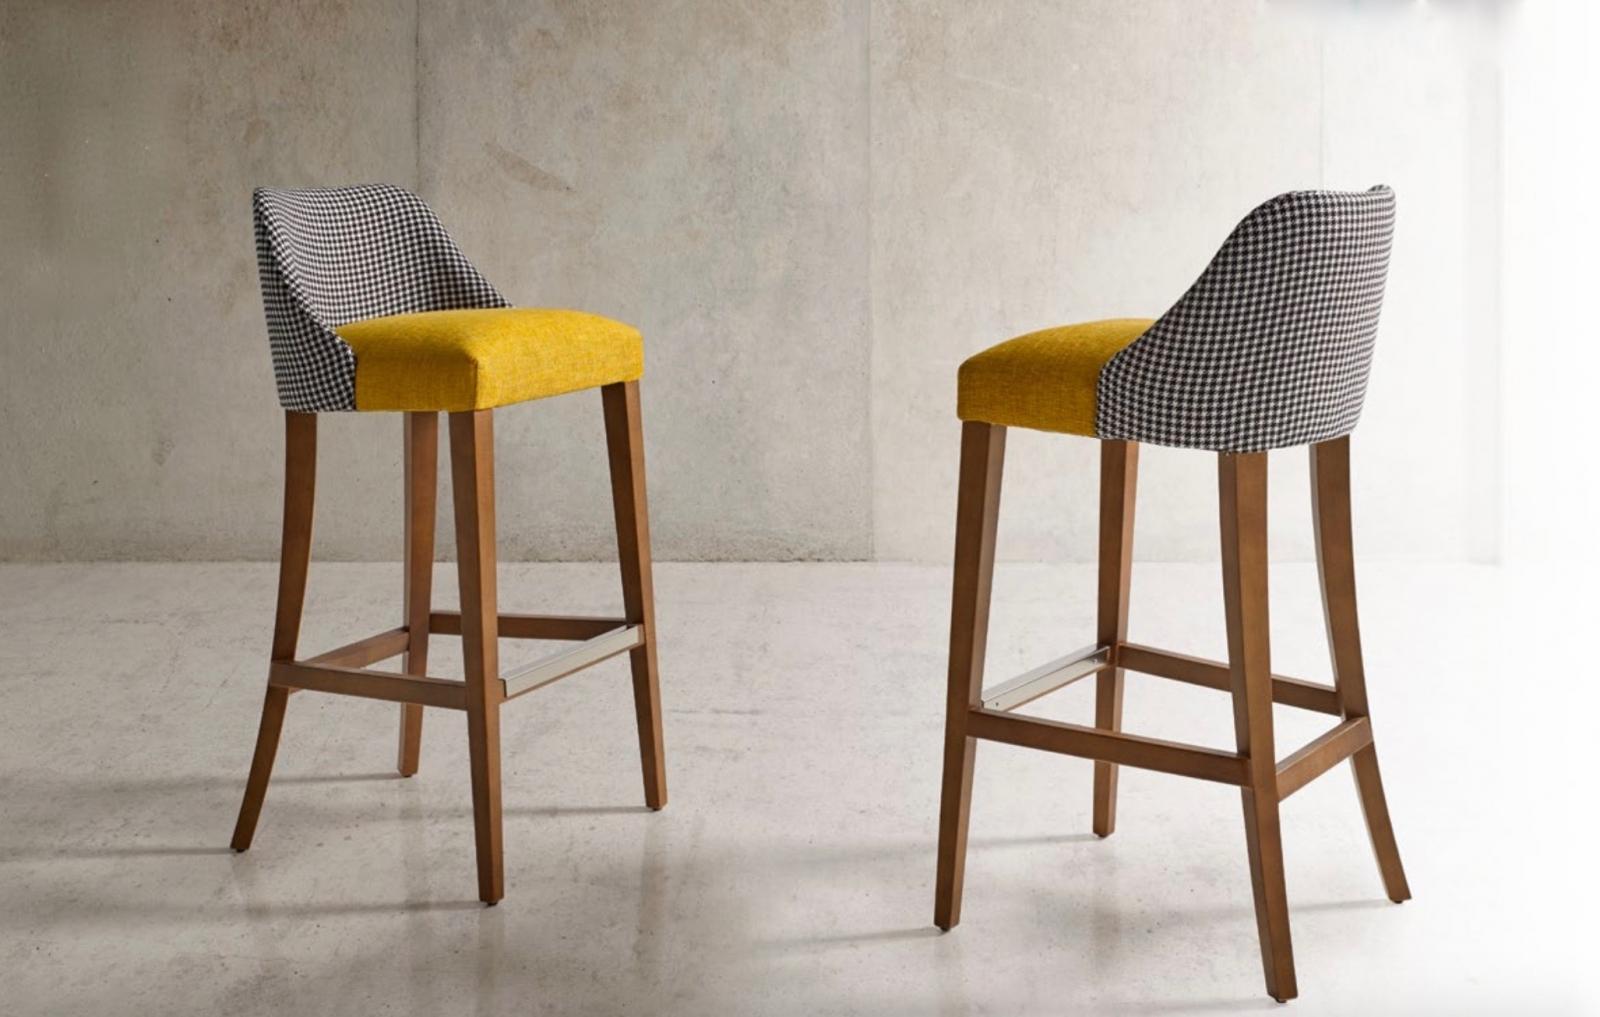 Taburete Florida moderno - Taburete Florida, silla alta con un tapizado de excelente calidad y madera de haya.  Moderno y cómodo.